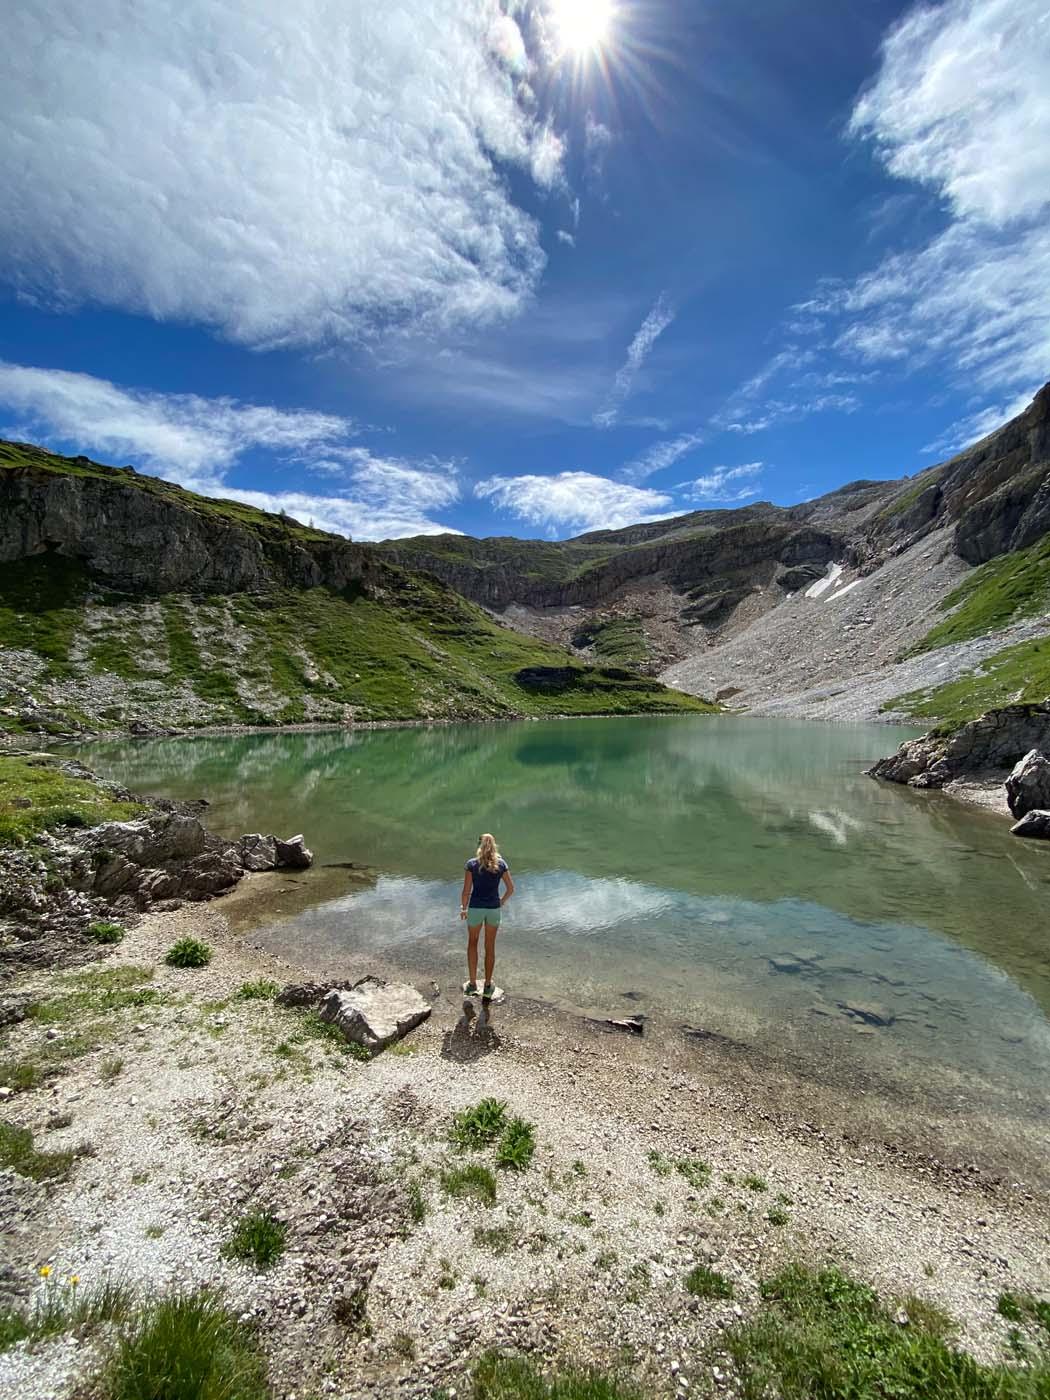 Schöne Naturlandschaft am Neukarsee